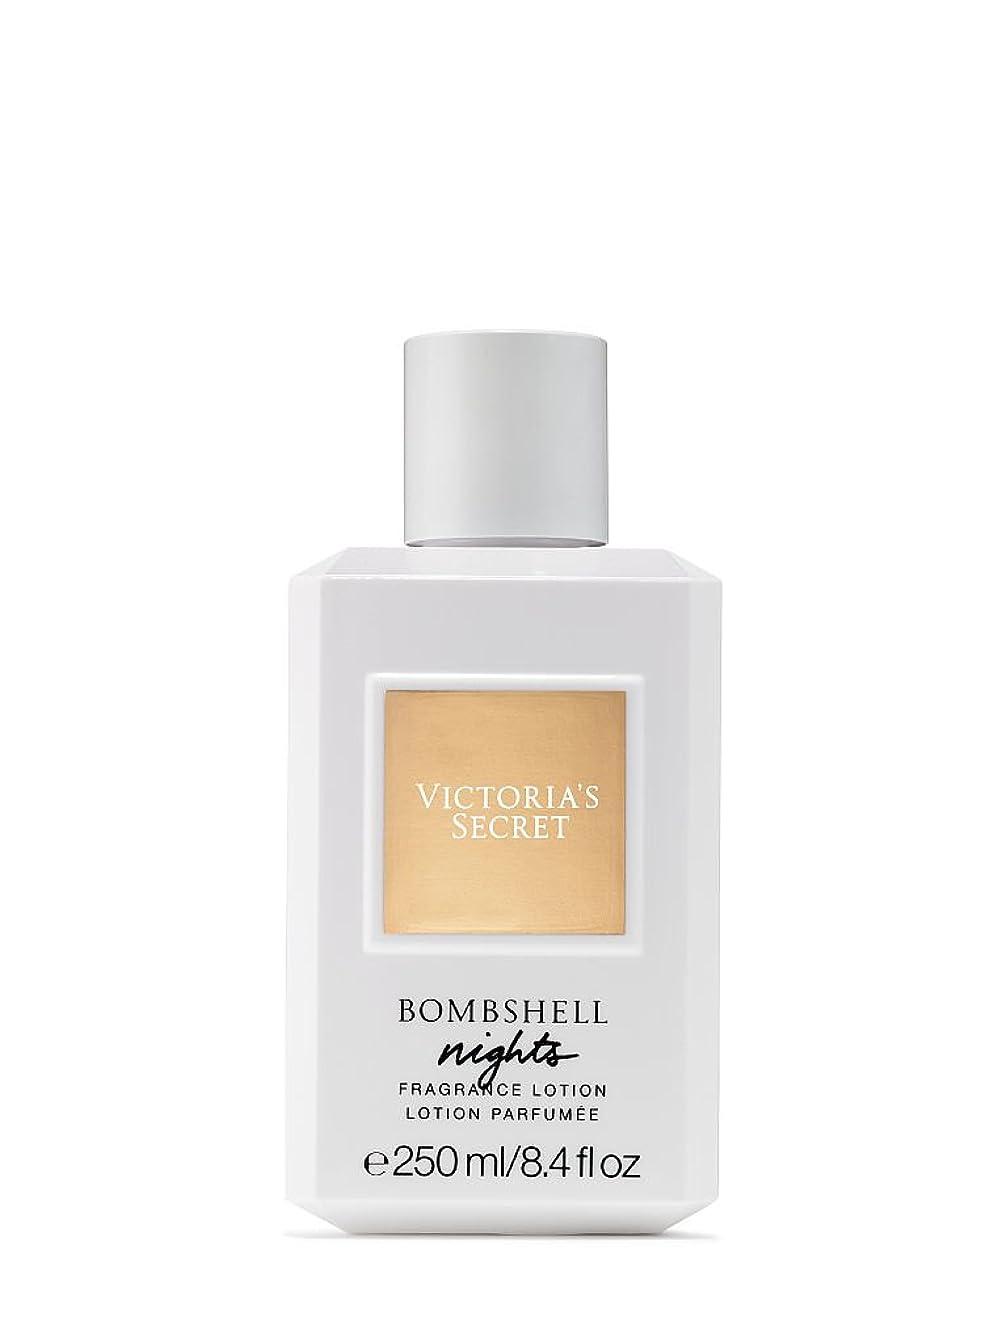 一節ランドマーク空のBombshell Nights (ボムシェル ナイツ) 8.4 oz (252ml) Fragrance Body Lotion ボディーローション by Victoria's Secret for Women